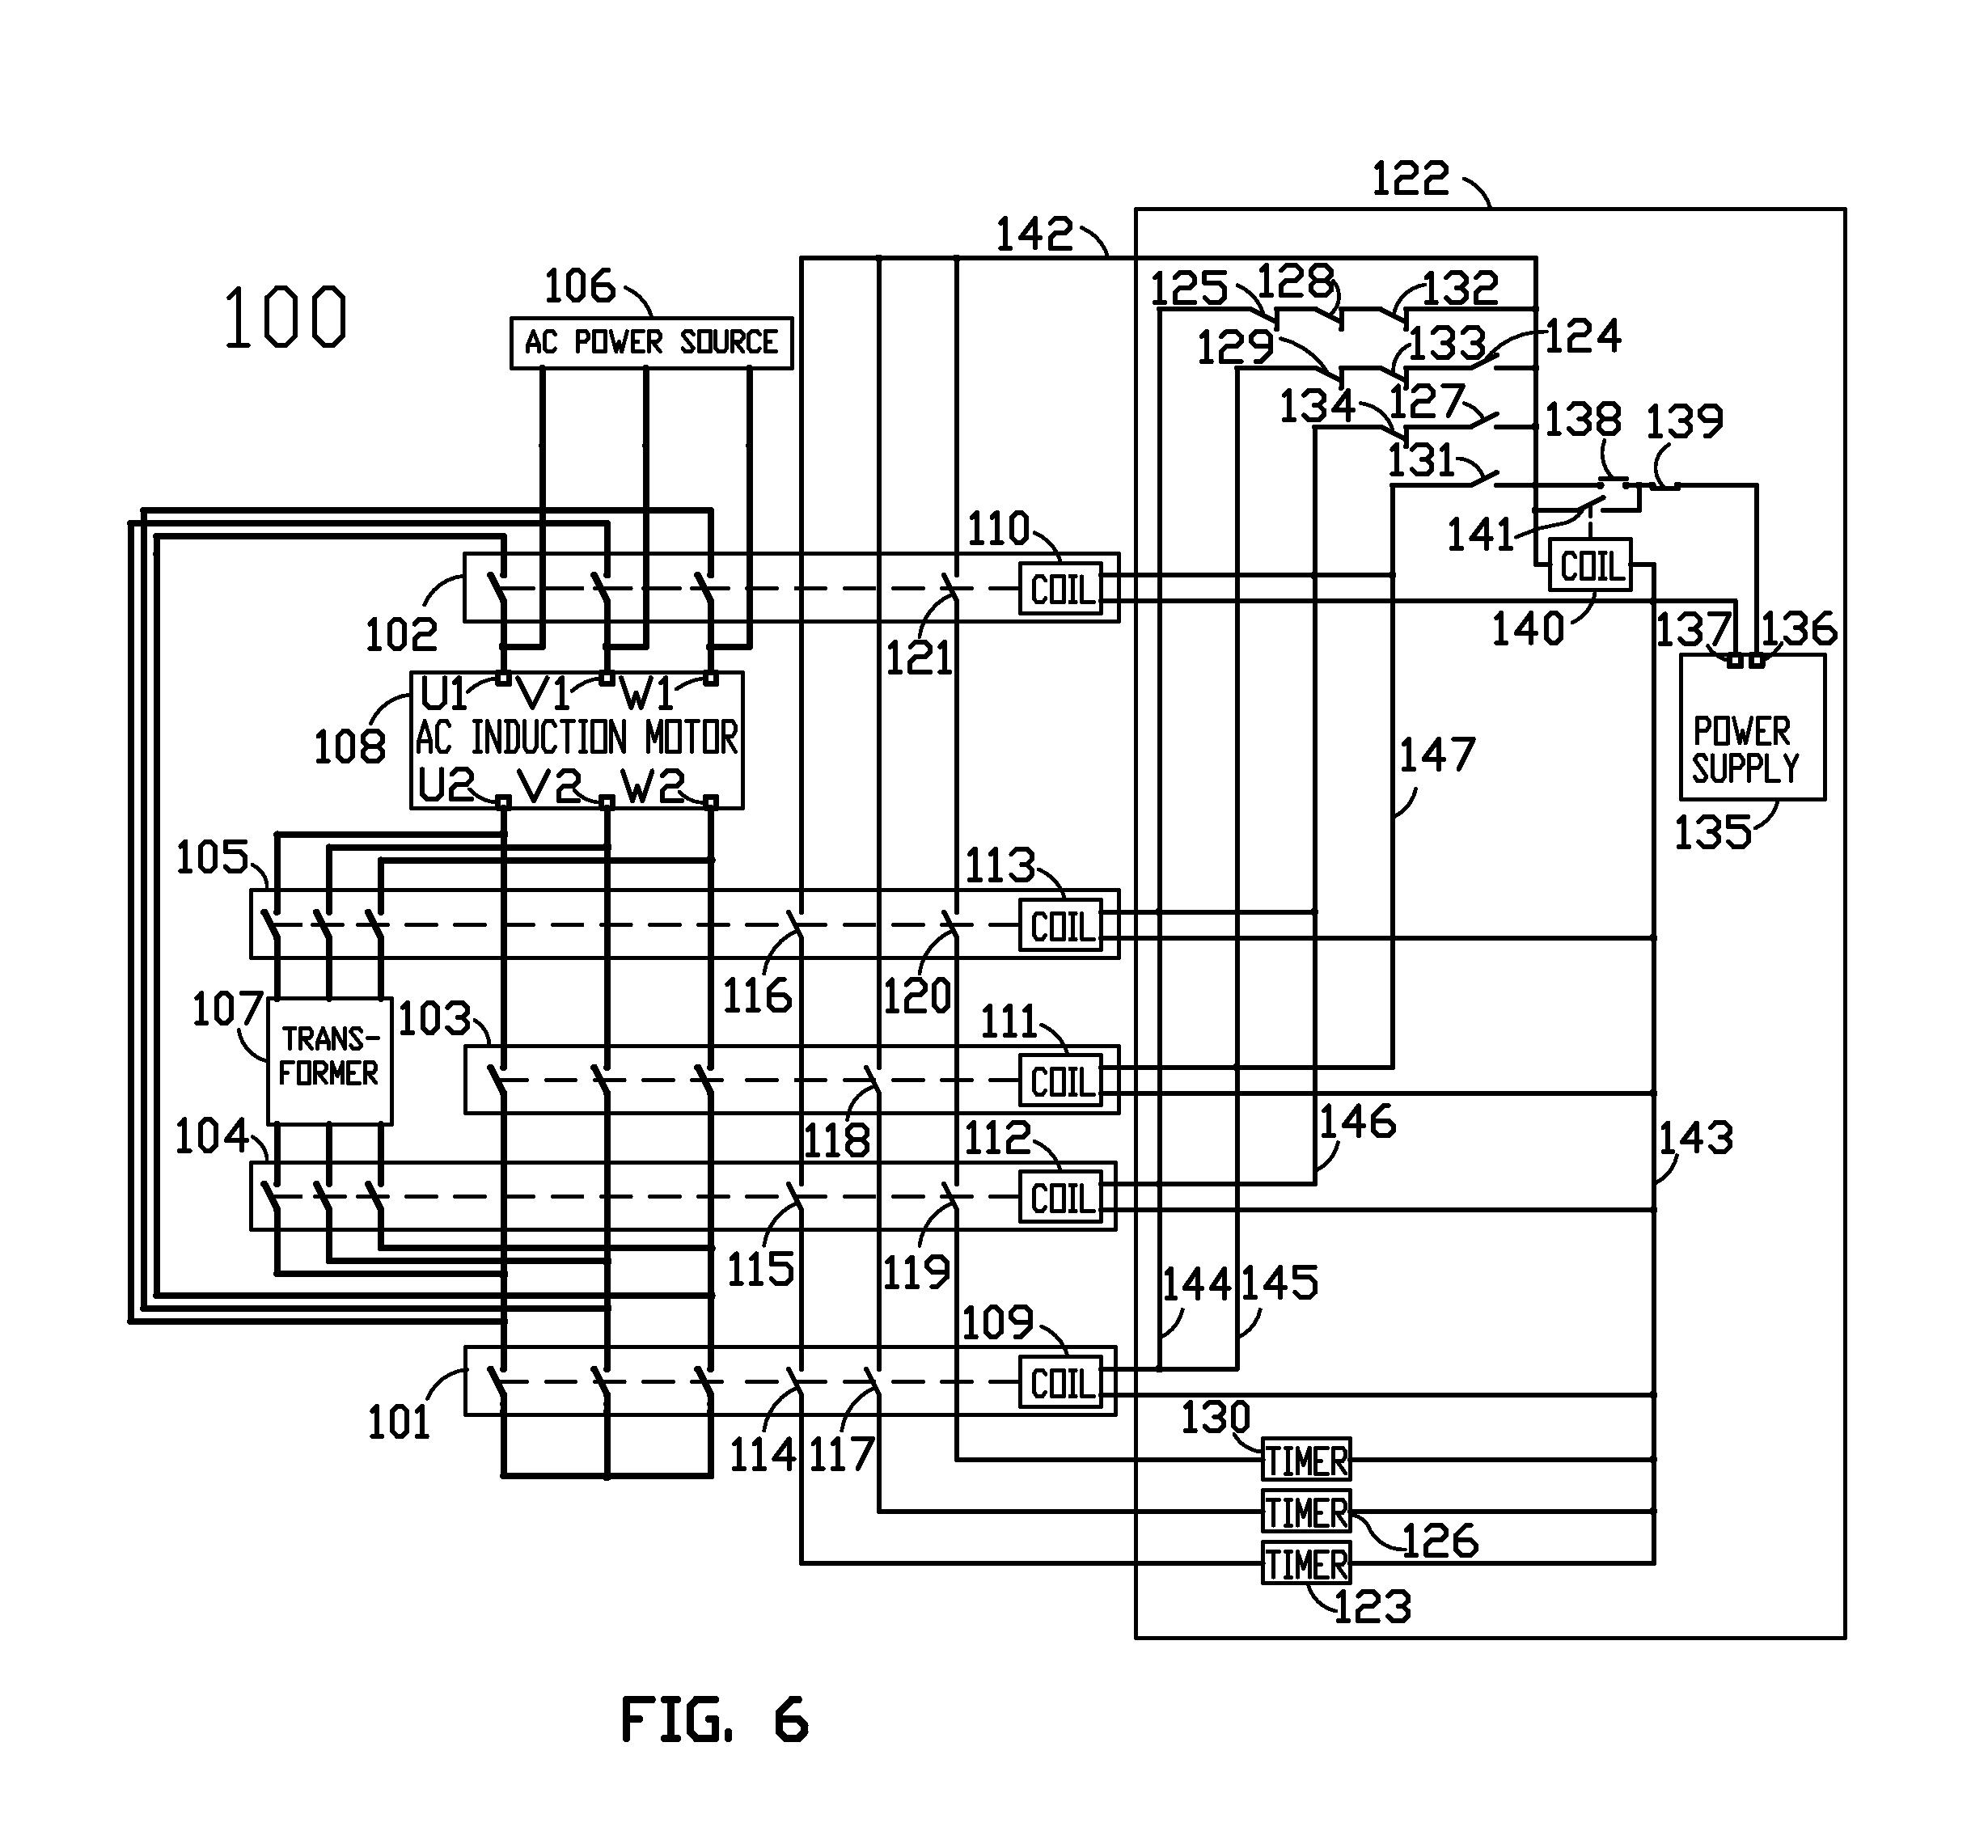 Tg1860 Wiring Diagram Honda Motorcycle Repair Diagrams Smart Car – Kubota Tg1860 Wiring Diagram